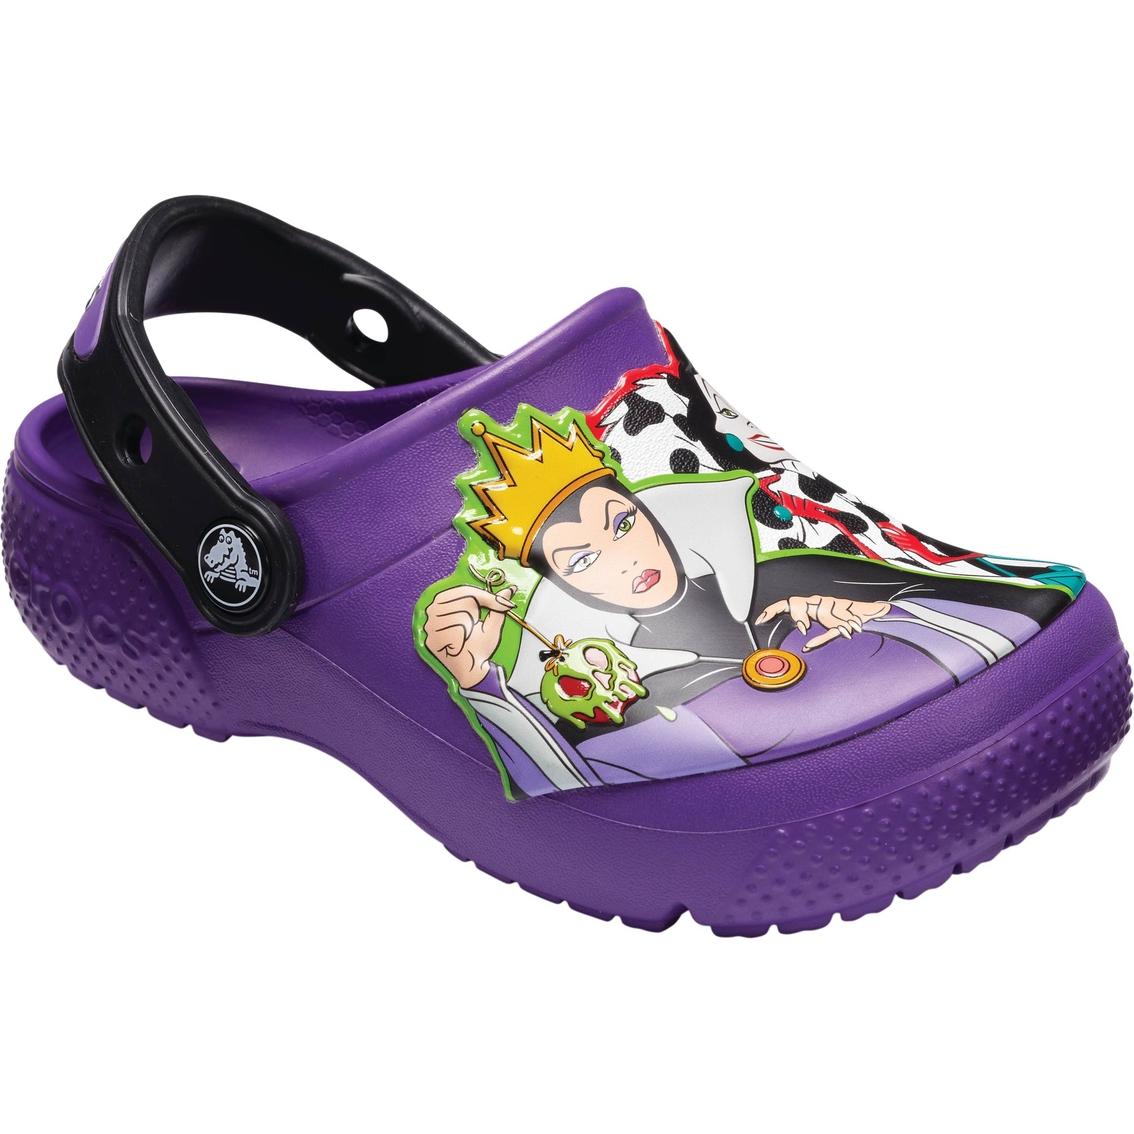 257f50522e23 Crocs Girls Disney Villains Clogs